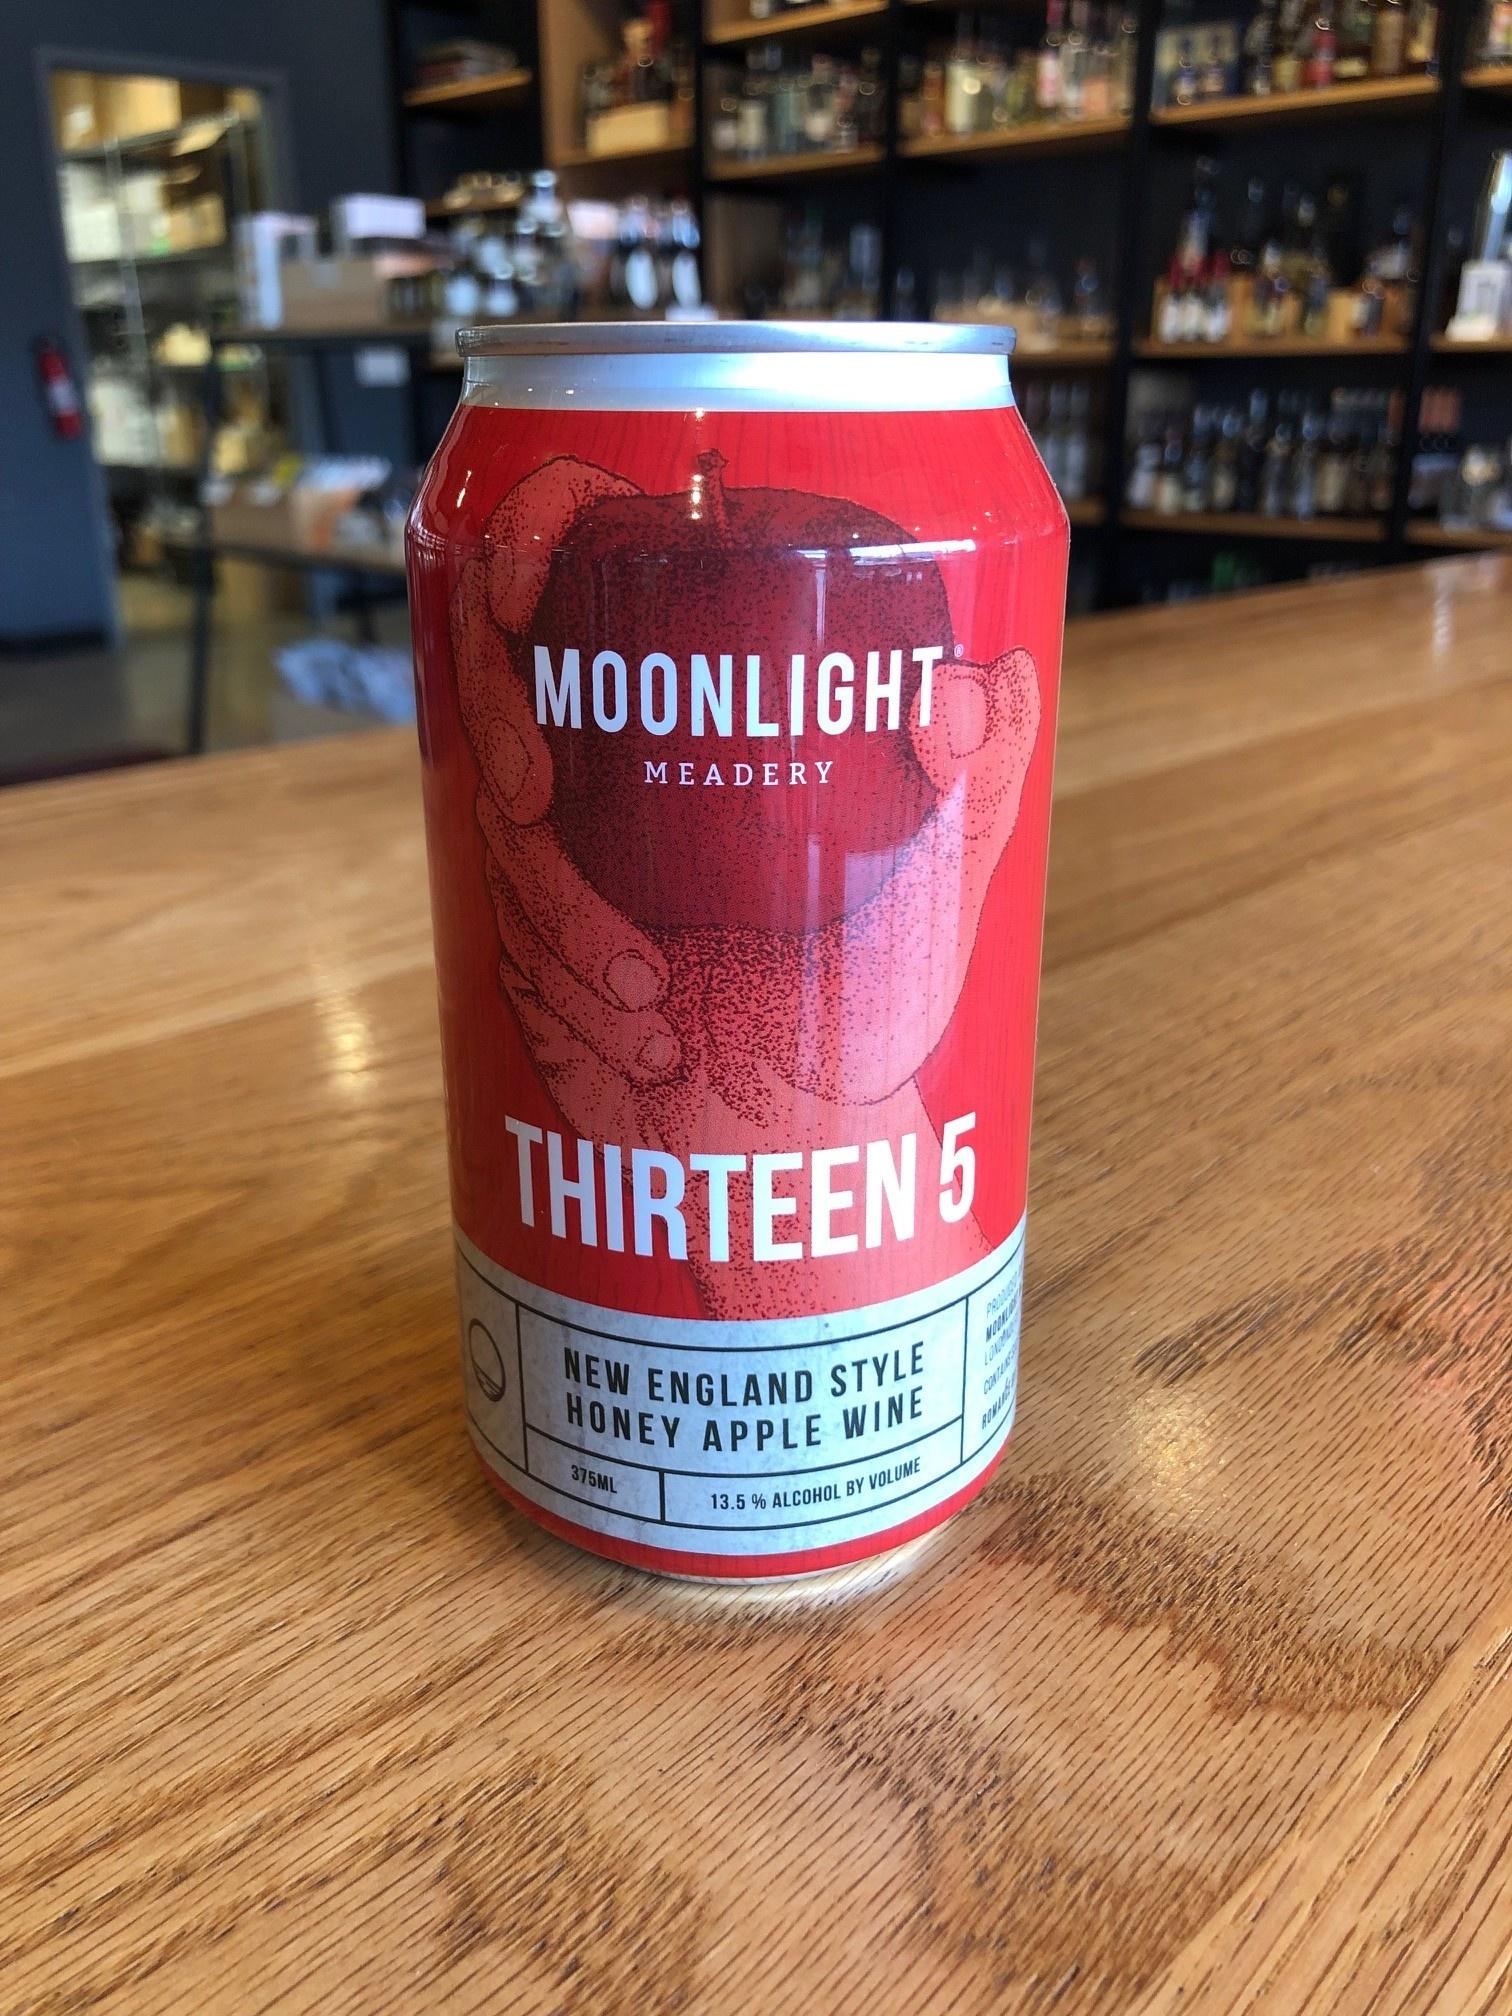 Moonlight Meadery Moonlight Meadery Thirteen 5 Cider 12oz